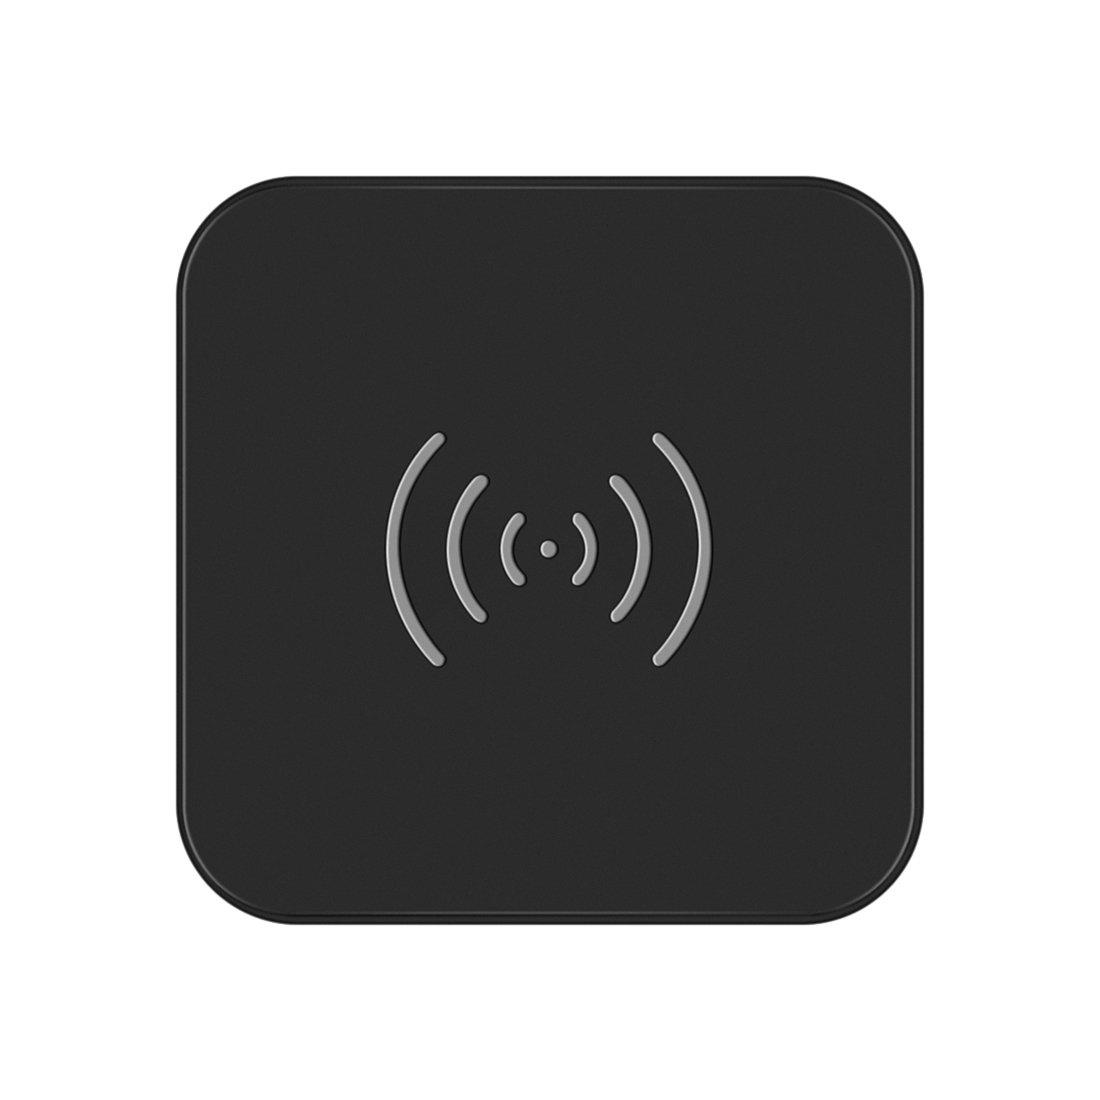 Caricatore Wireless, CHOETECH Caricabatterie Wireless Qi con Indicatore LED per iPhone 8/8Plus/X,Samsung S8/S8 Plus,Note 8,S7 Edge,S6/S6 Edge,Lumia 950 e Tutti i Dispositivi Qi-Enabled,Include un Cavo